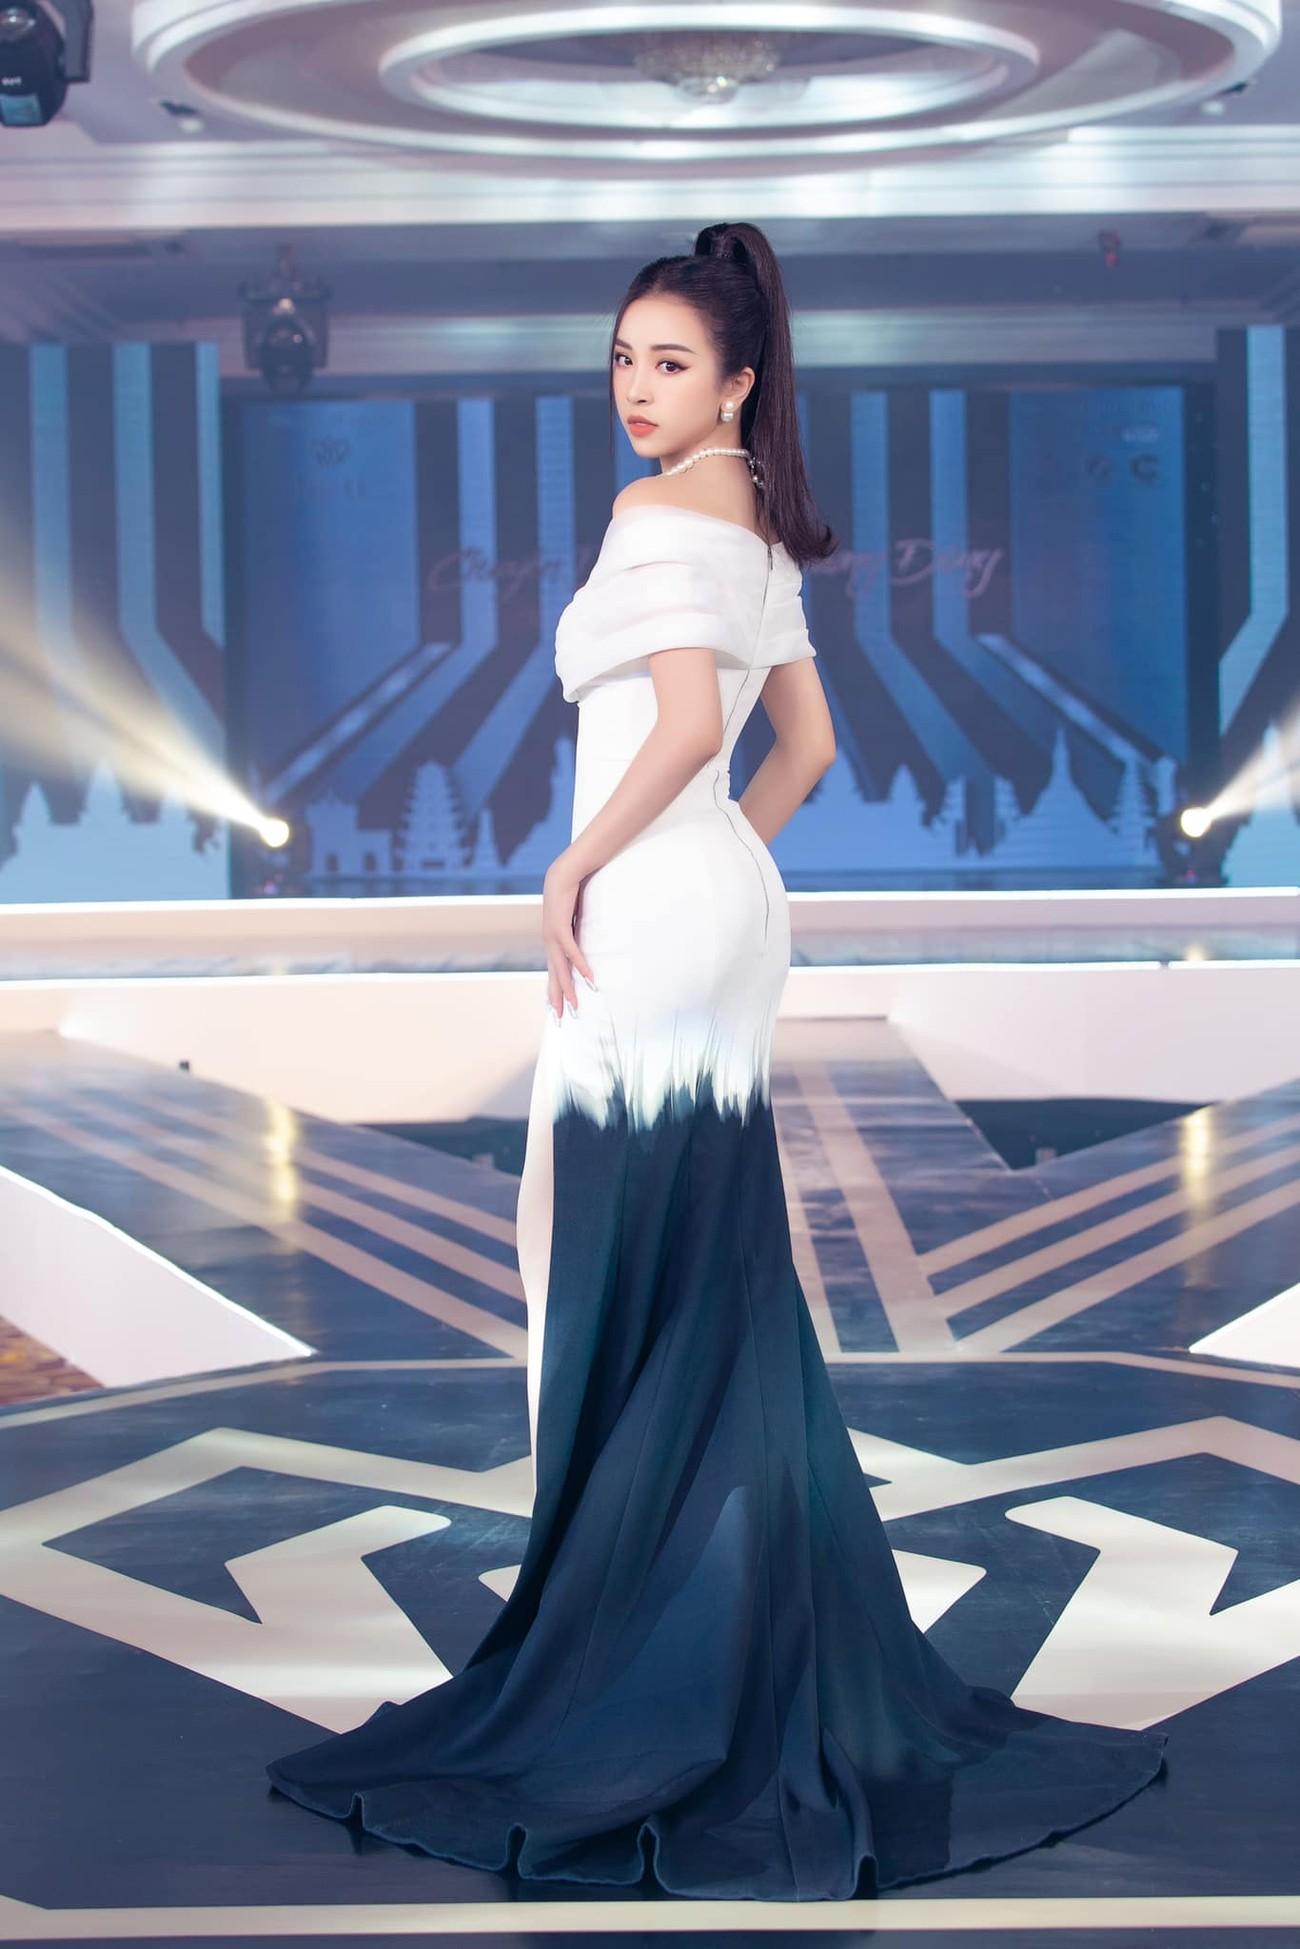 Hoa hậu Đỗ Thị Hà xinh đẹp nền nã với áo dài, H'Hen Niê hoá búp bê barbie nóng bỏng ảnh 4